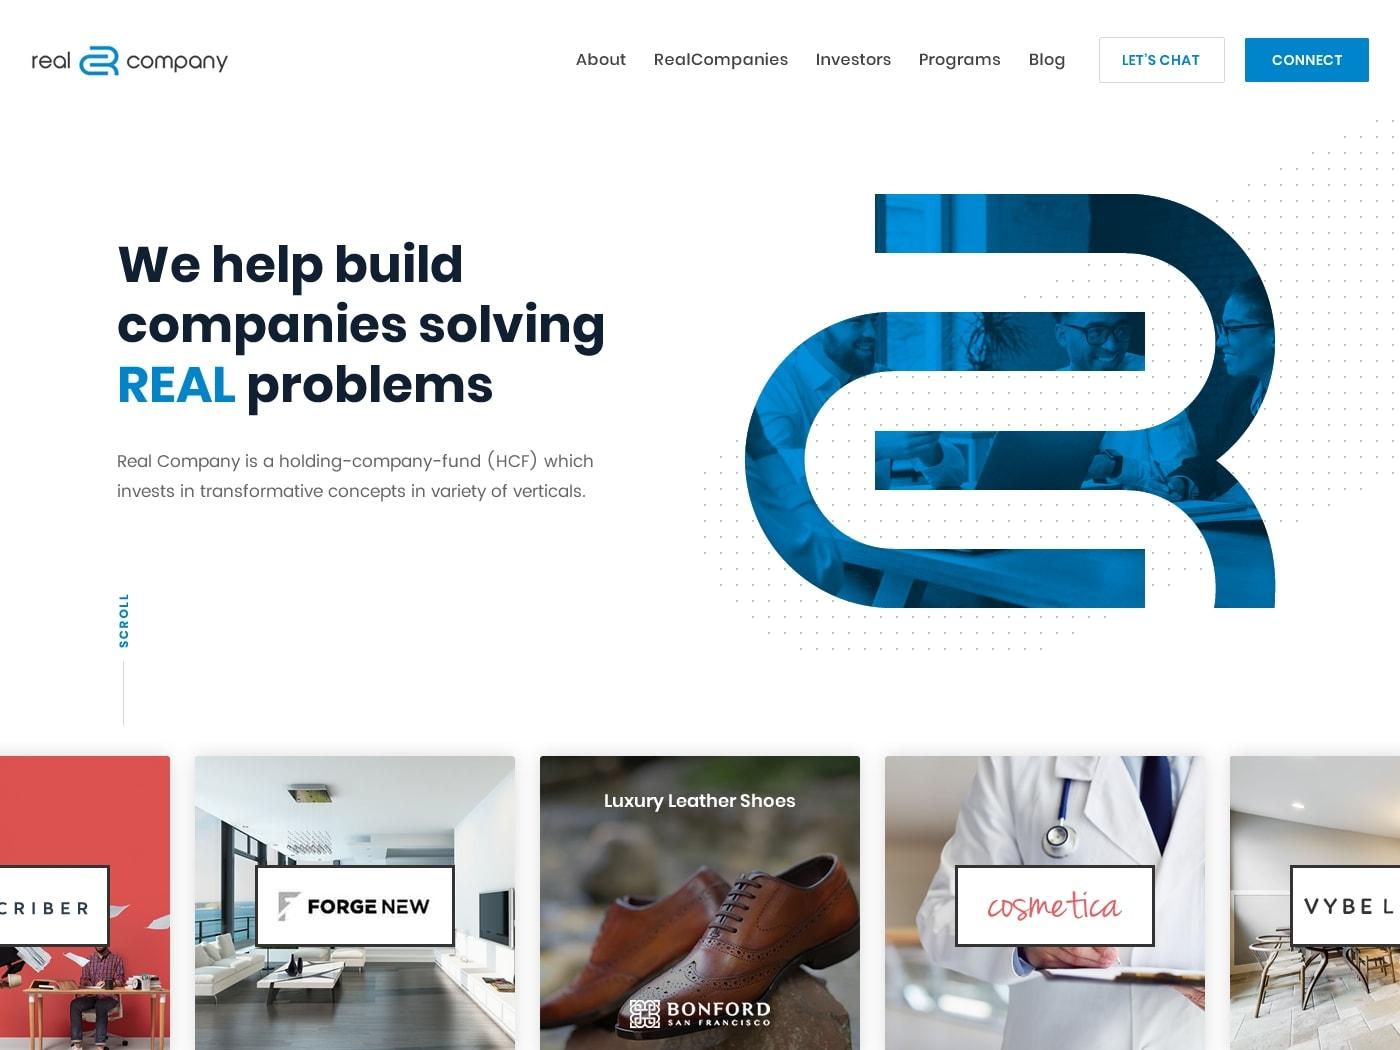 Сайте компании aliansautonn санкт продвижение сайта